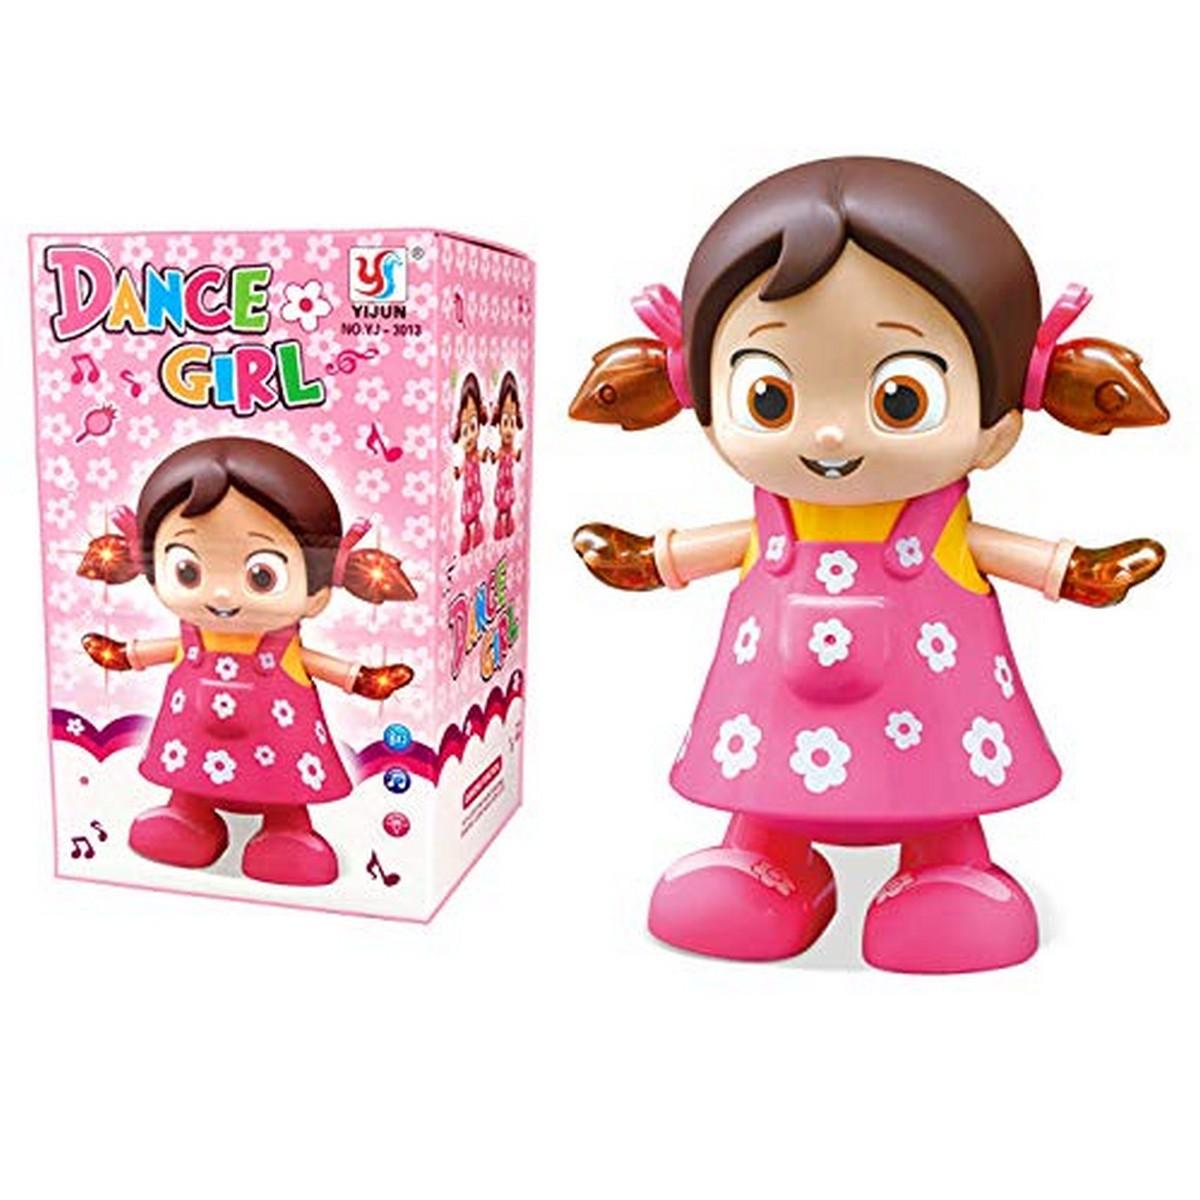 Dancing Girl YIJUN Musical Fun Toy with Flash Light